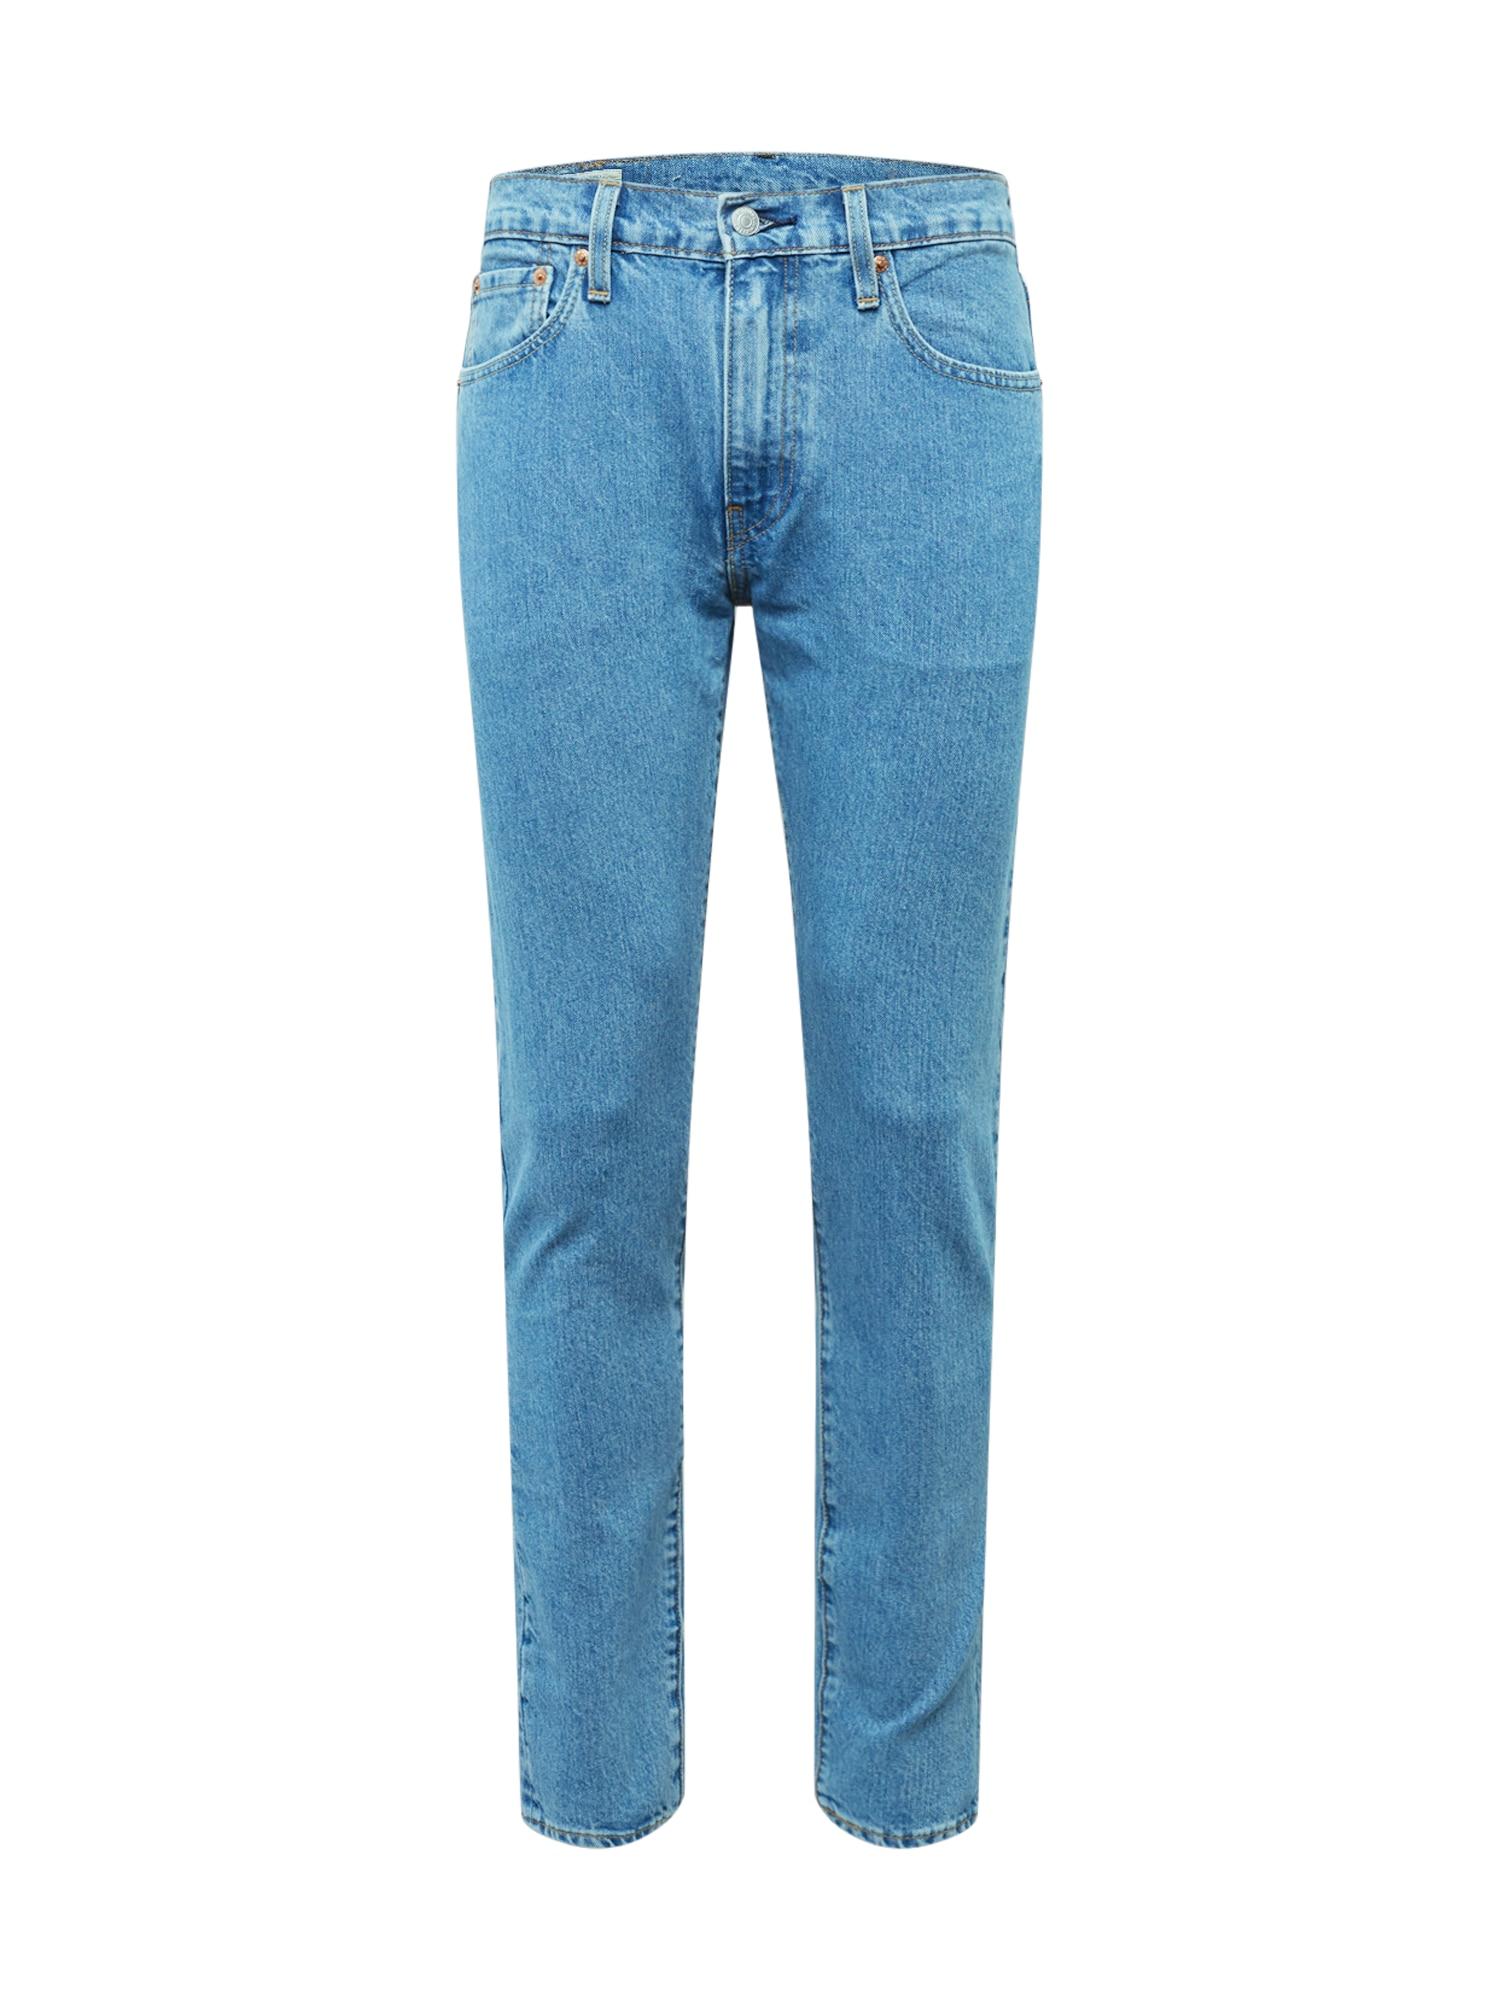 LEVI'S Džinsai '512 Slim Tarper Fit' tamsiai (džinso) mėlyna